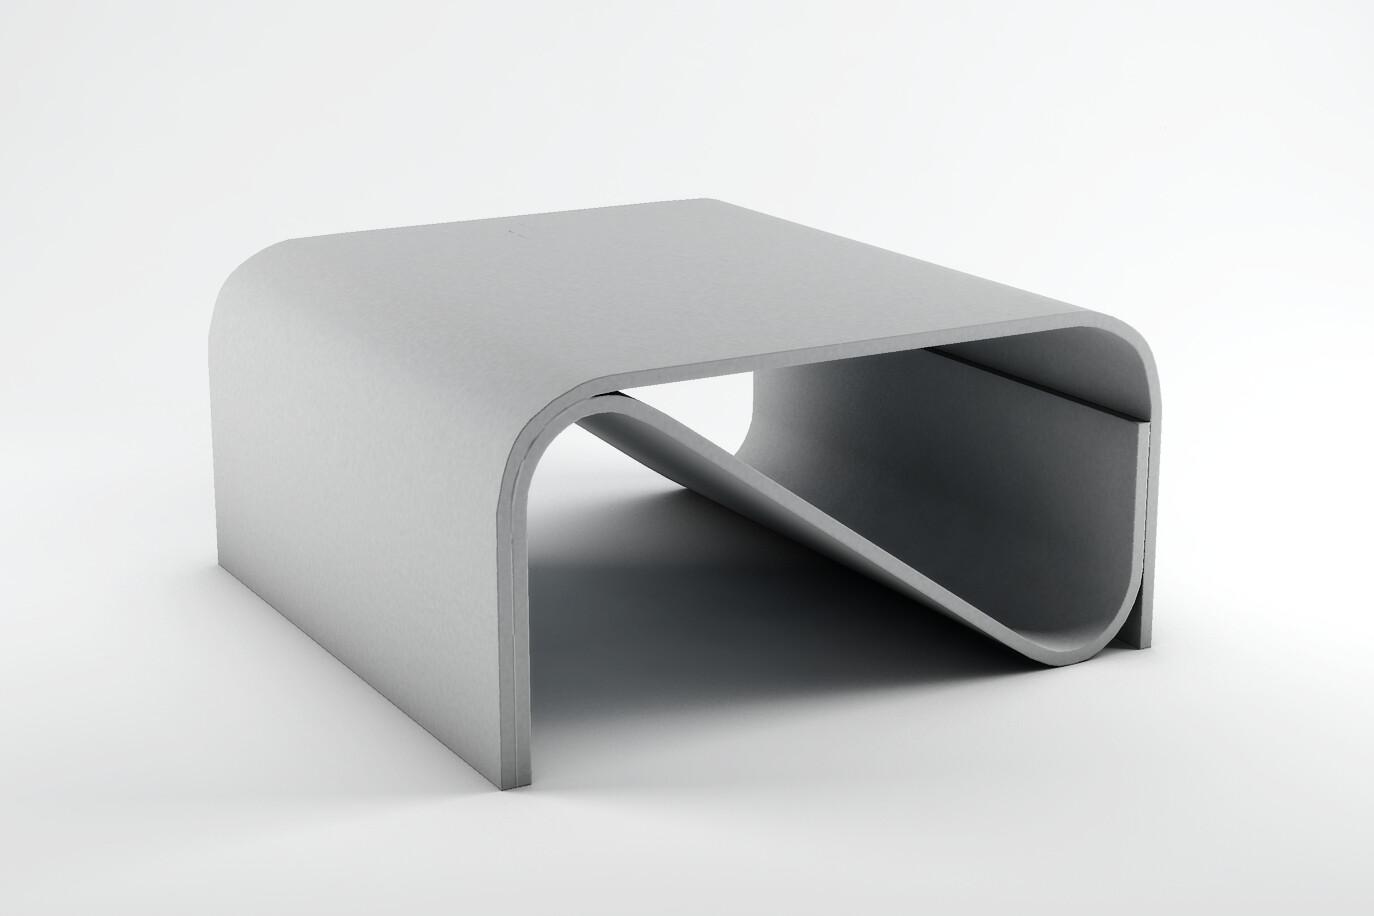 Sponeck Tisch